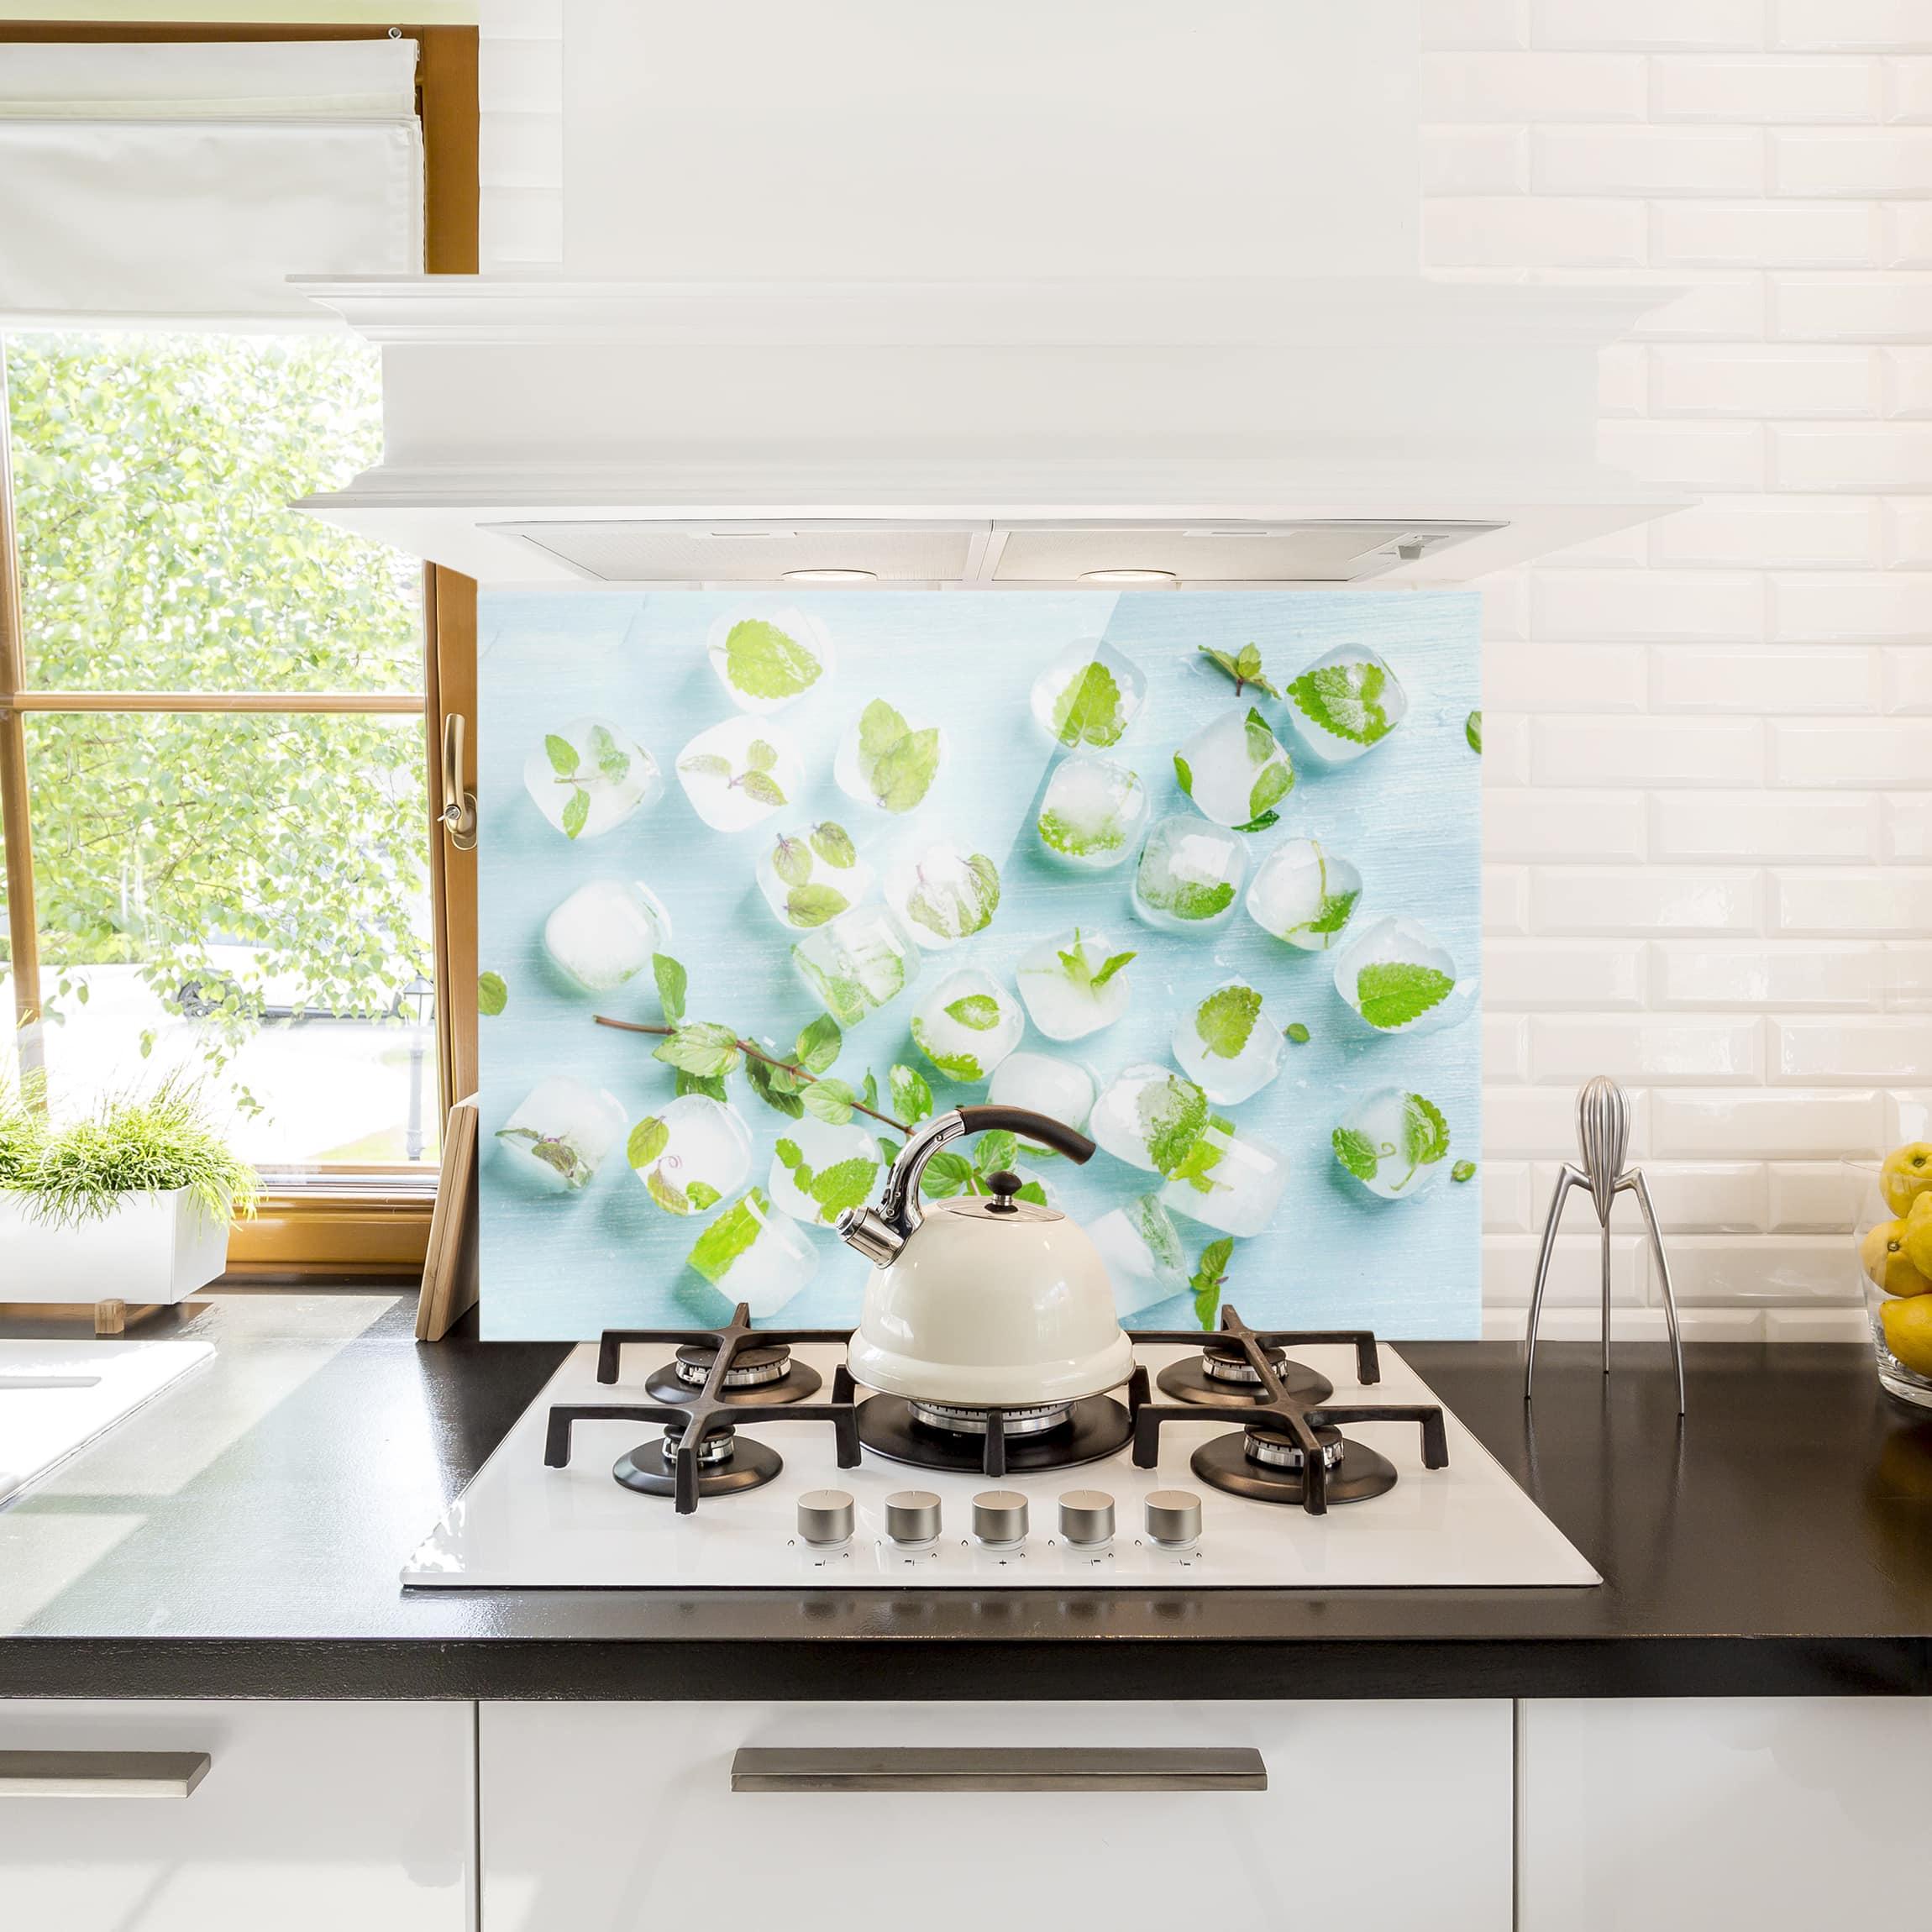 spritzschutz glas eisw rfel mit minzbl ttern quer 3 4. Black Bedroom Furniture Sets. Home Design Ideas